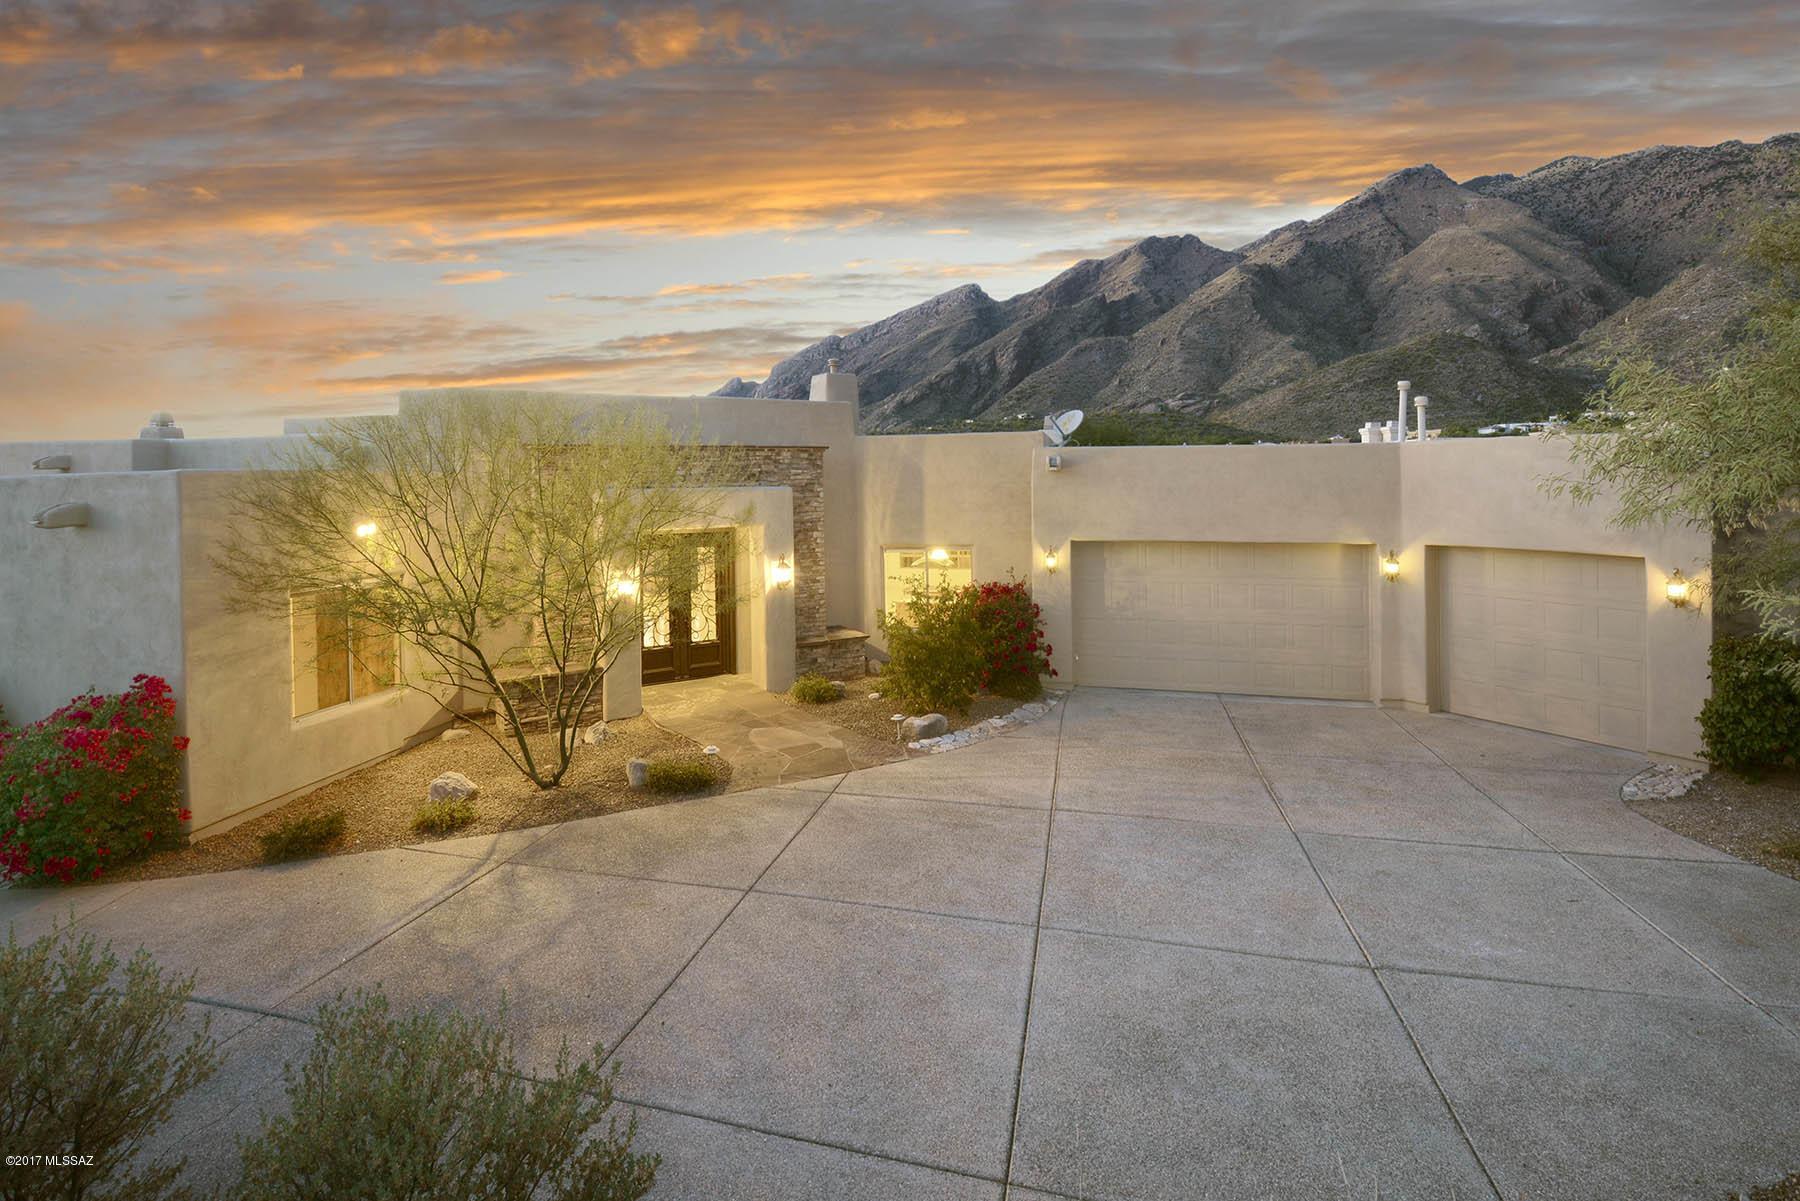 Photo of 6480 N Placita De Tia Ro, Tucson, AZ 85750